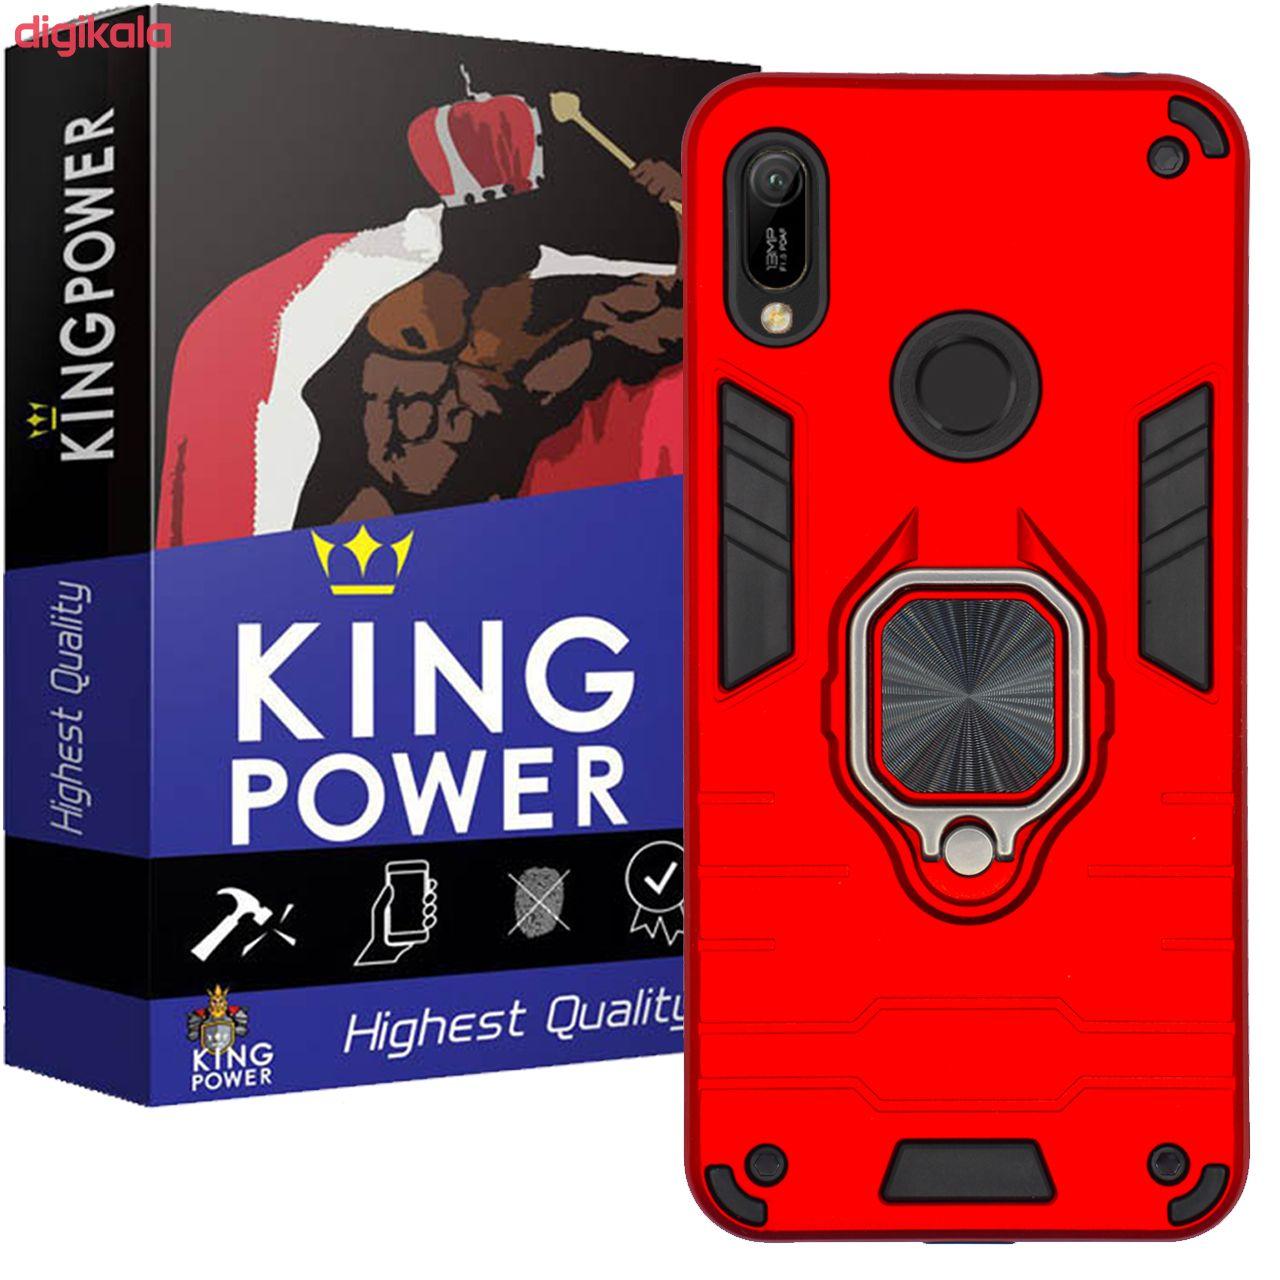 کاور کینگ پاور مدل ASH22 مناسب برای گوشی موبایل هوآوی Y6 Prime 2019 / Y6S / آنر 8A main 1 1